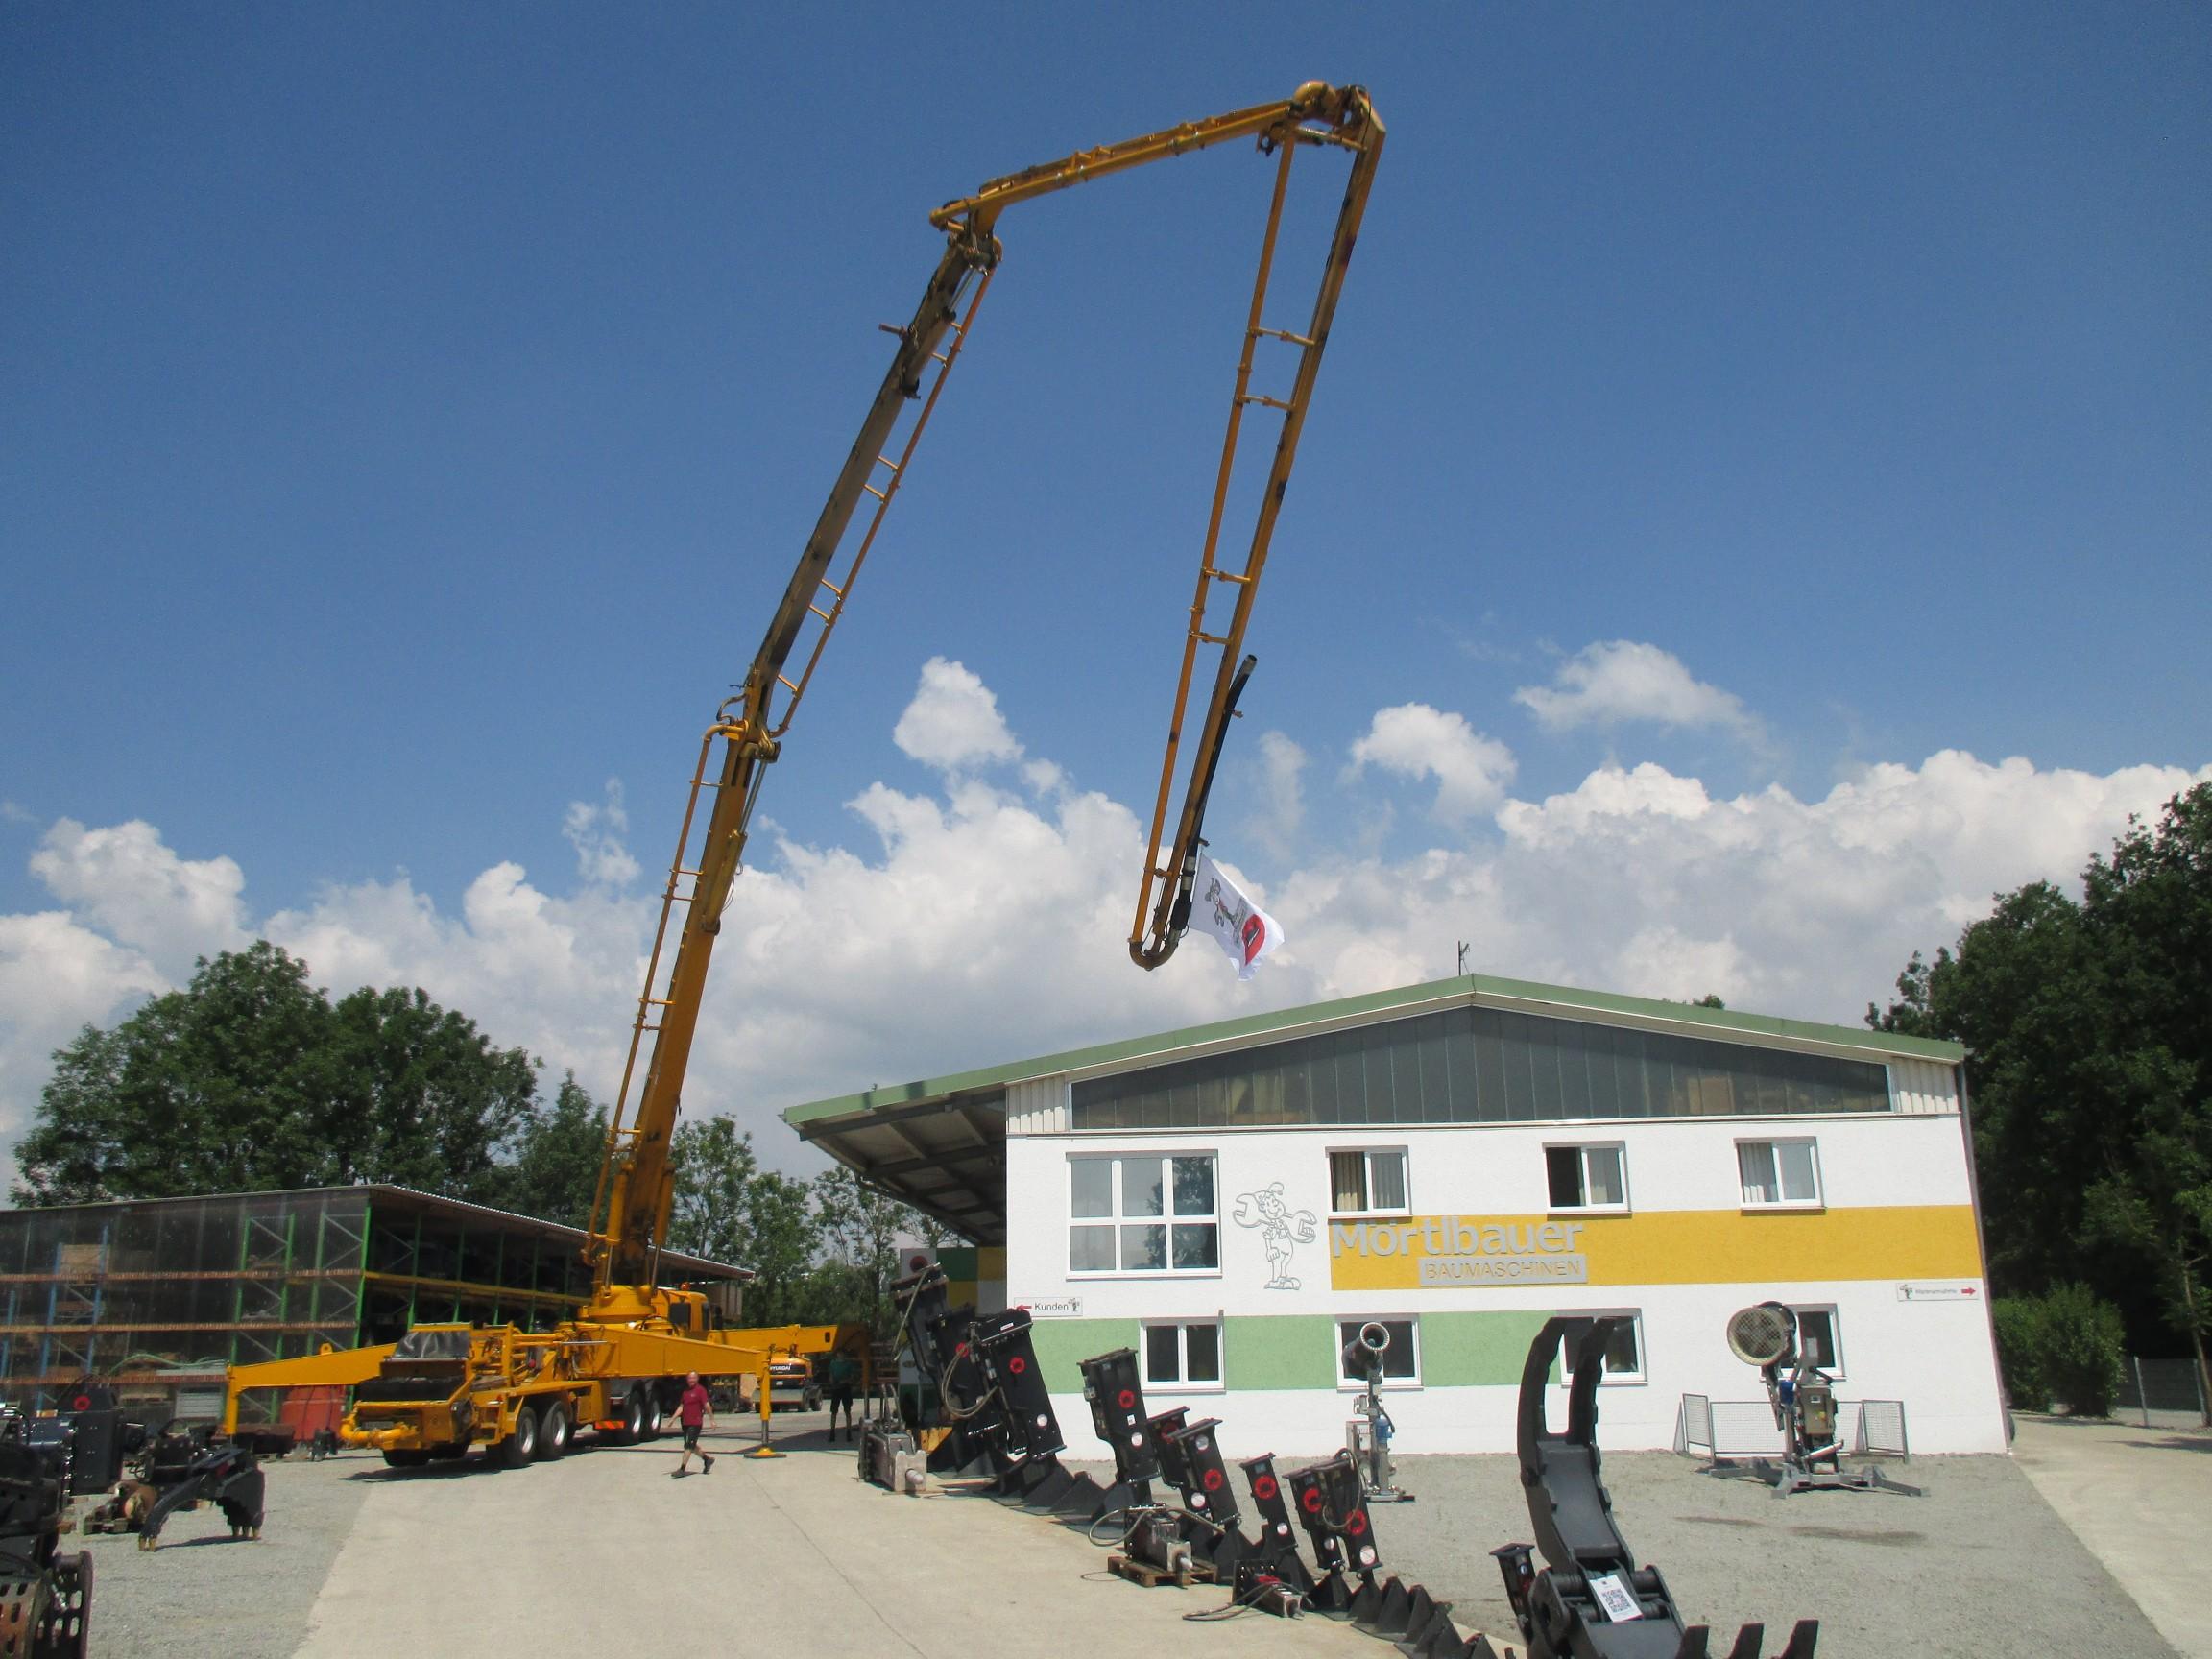 moertlbauer_putzmeister_sanierung betonpumpe-4